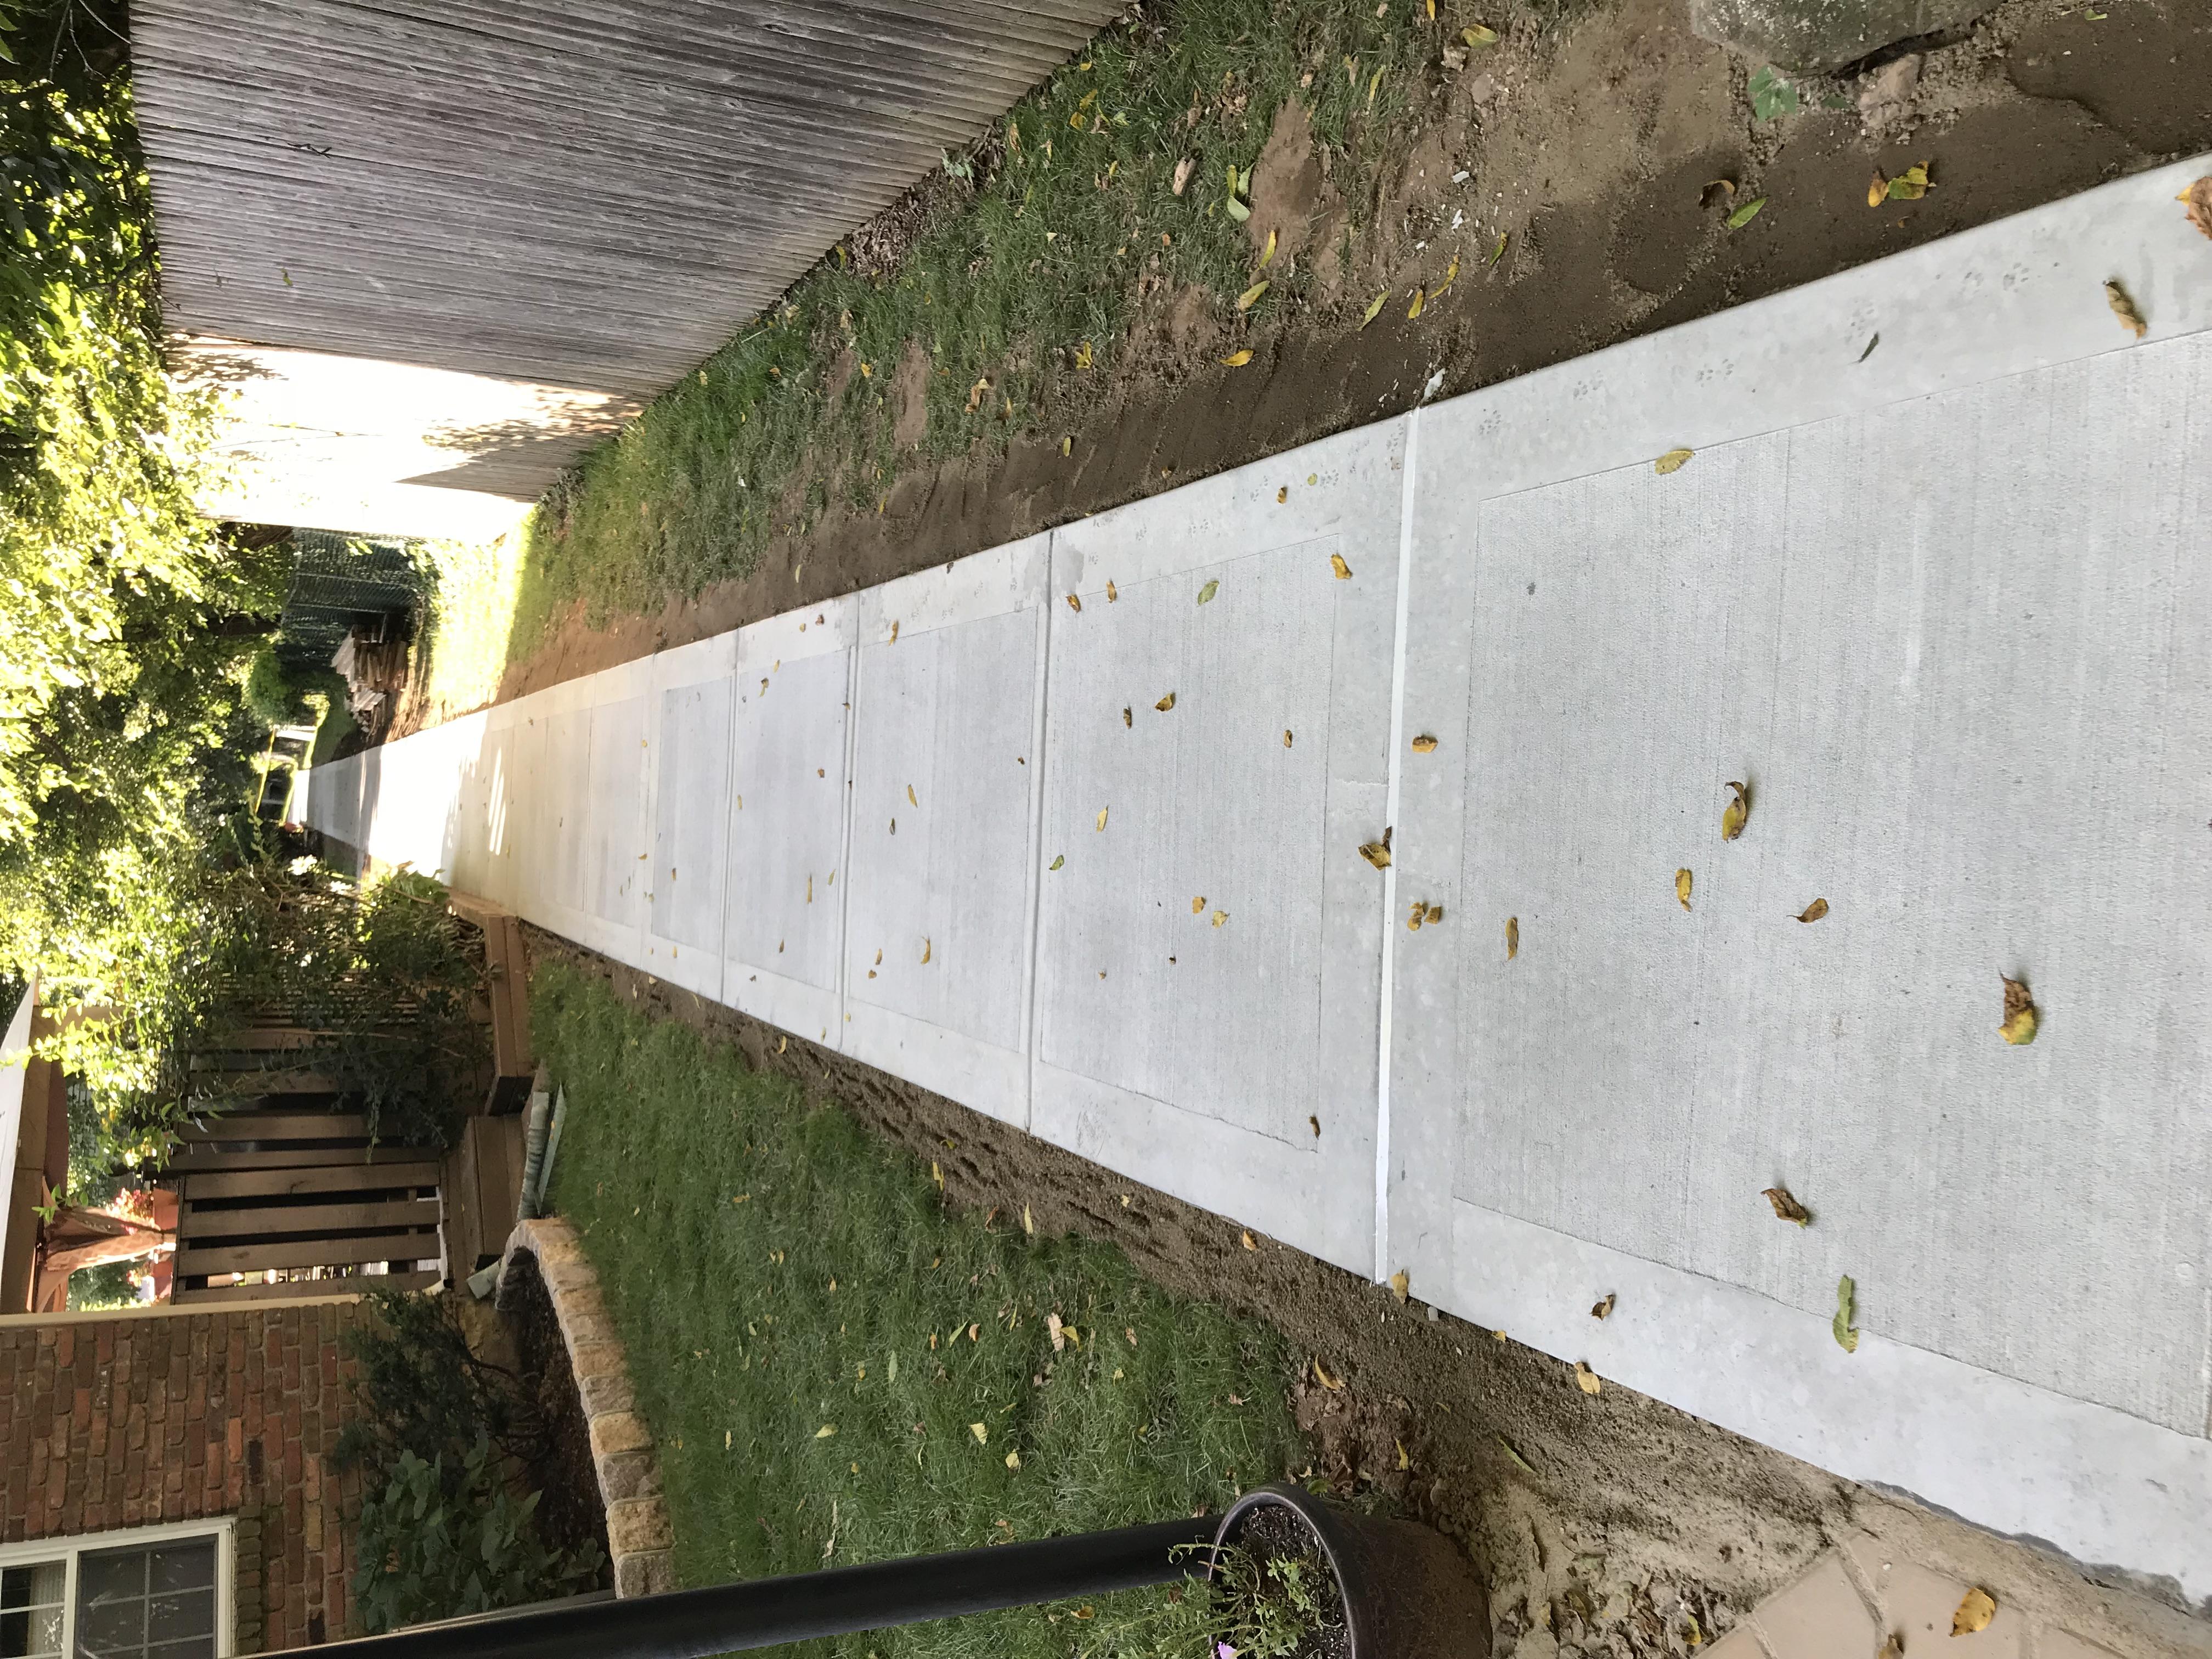 Walk way concrete